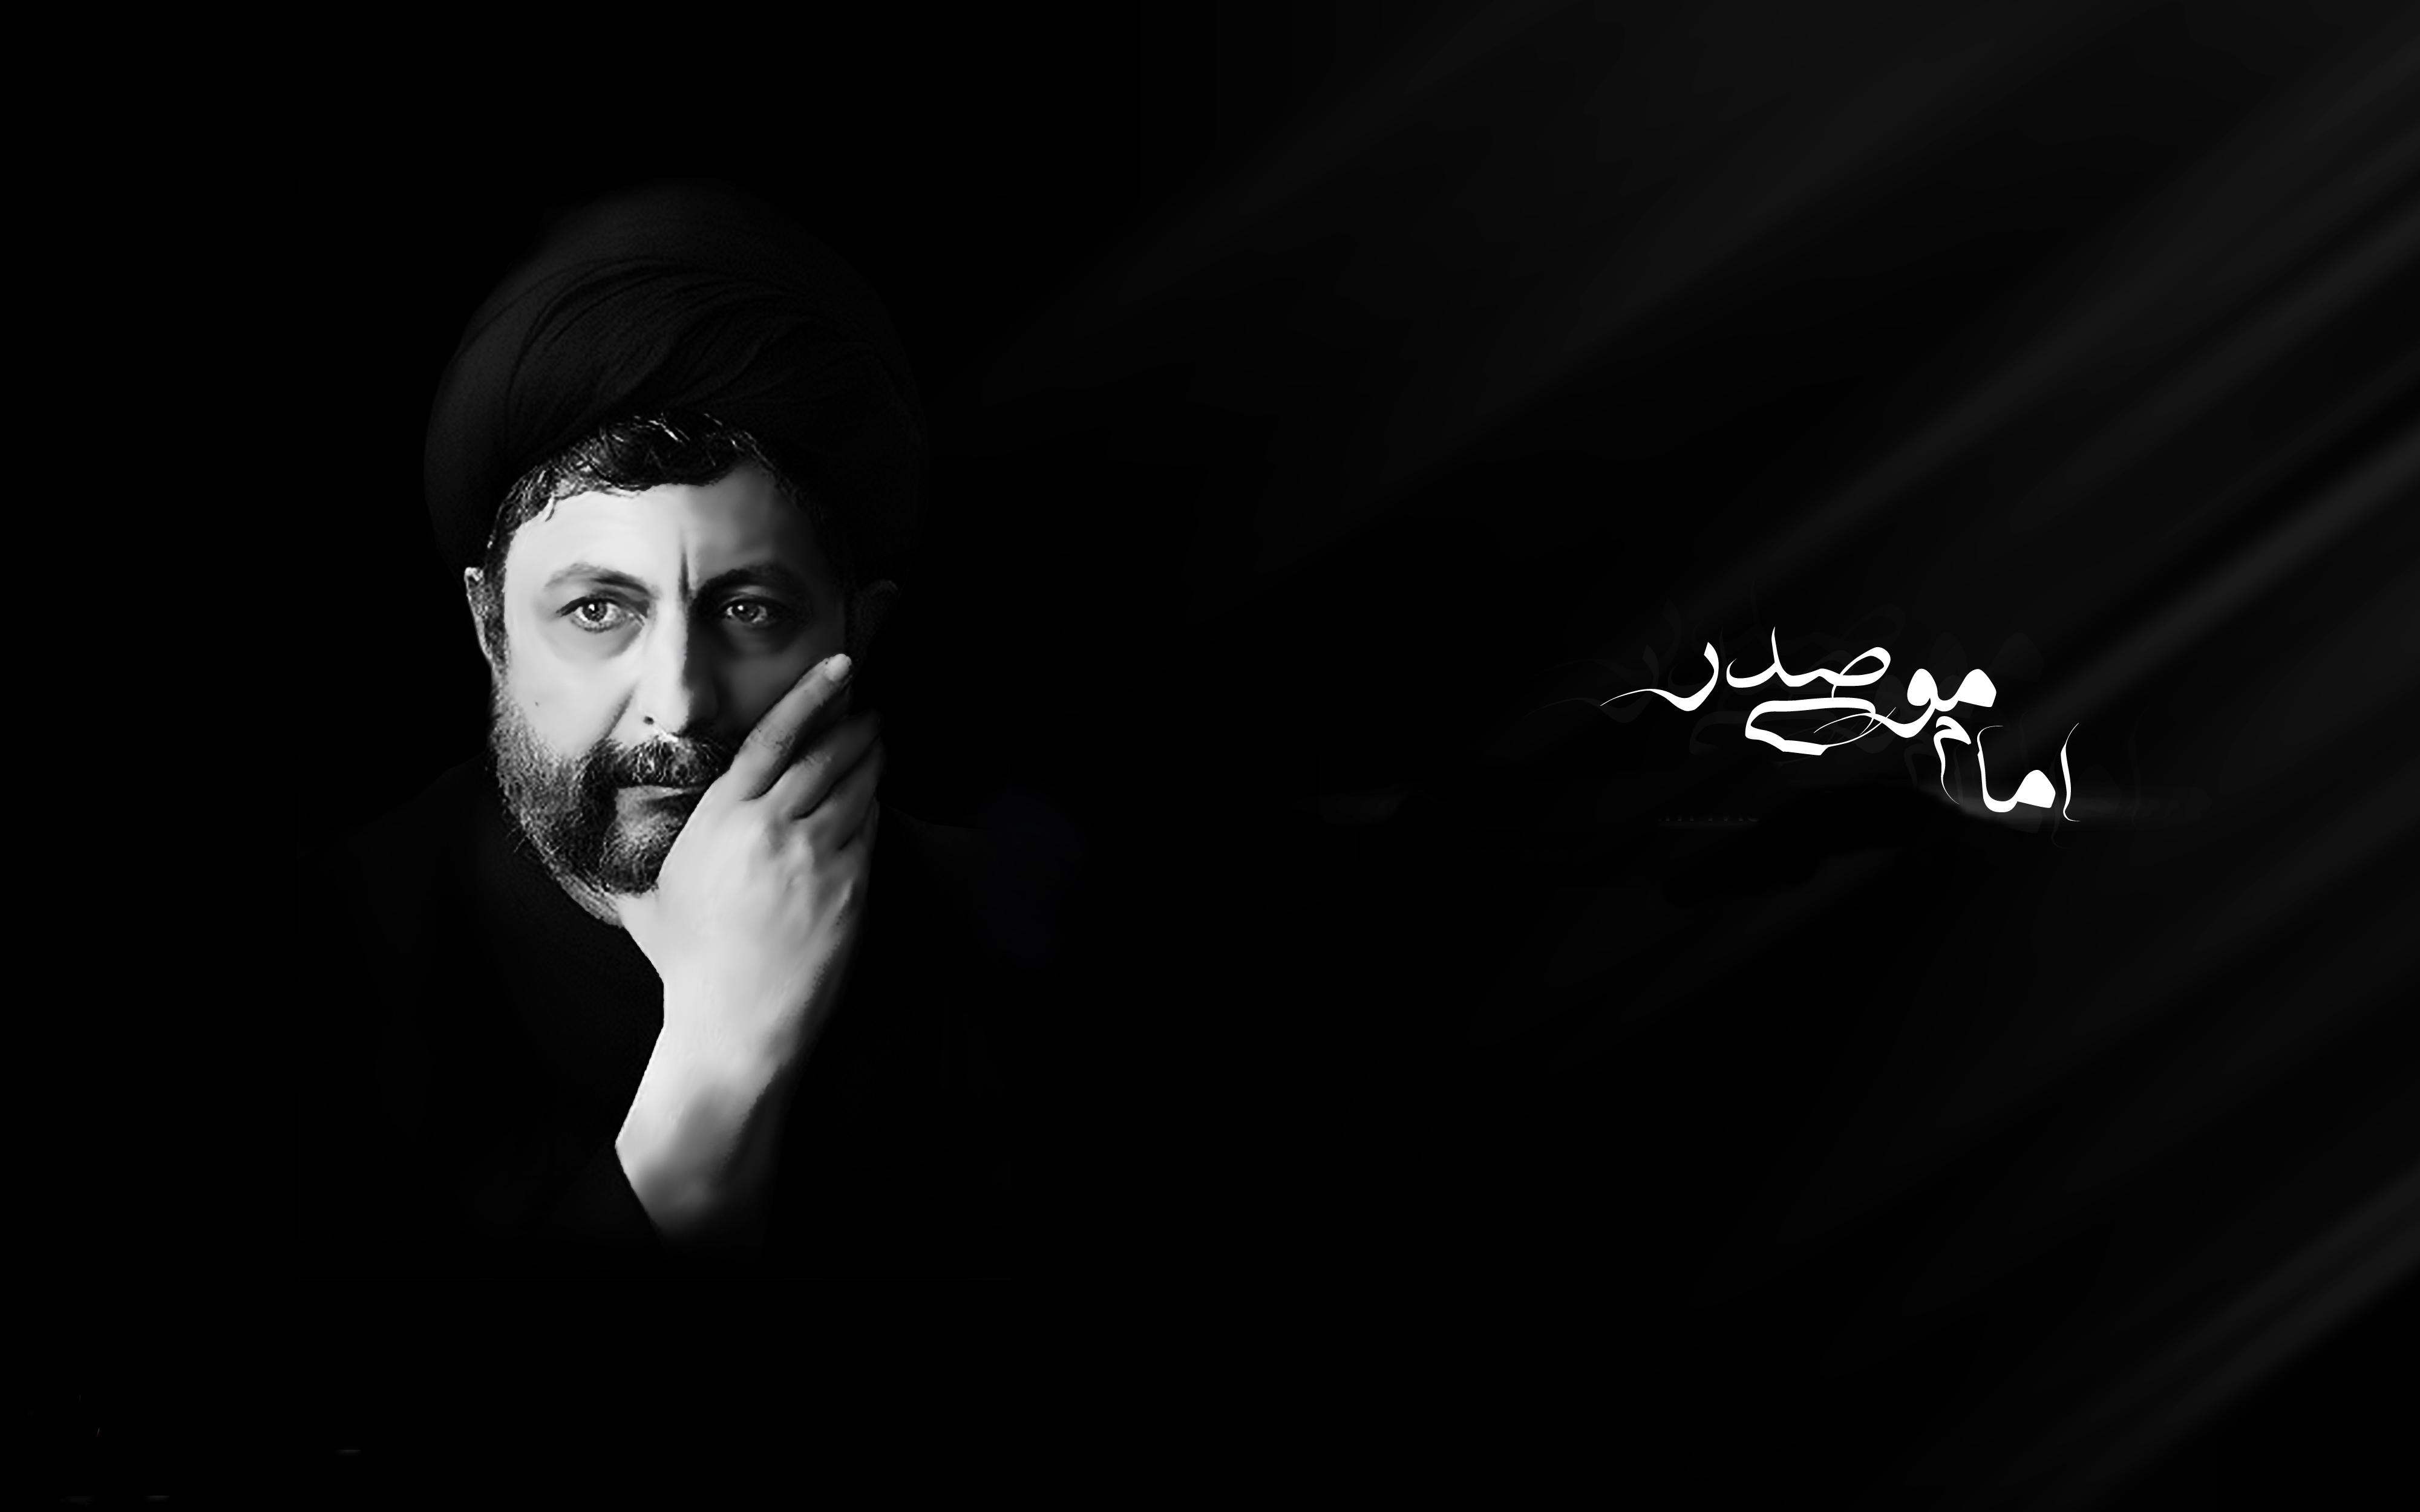 imam_musa_sadr_by_montazerart-d488bus.jpg